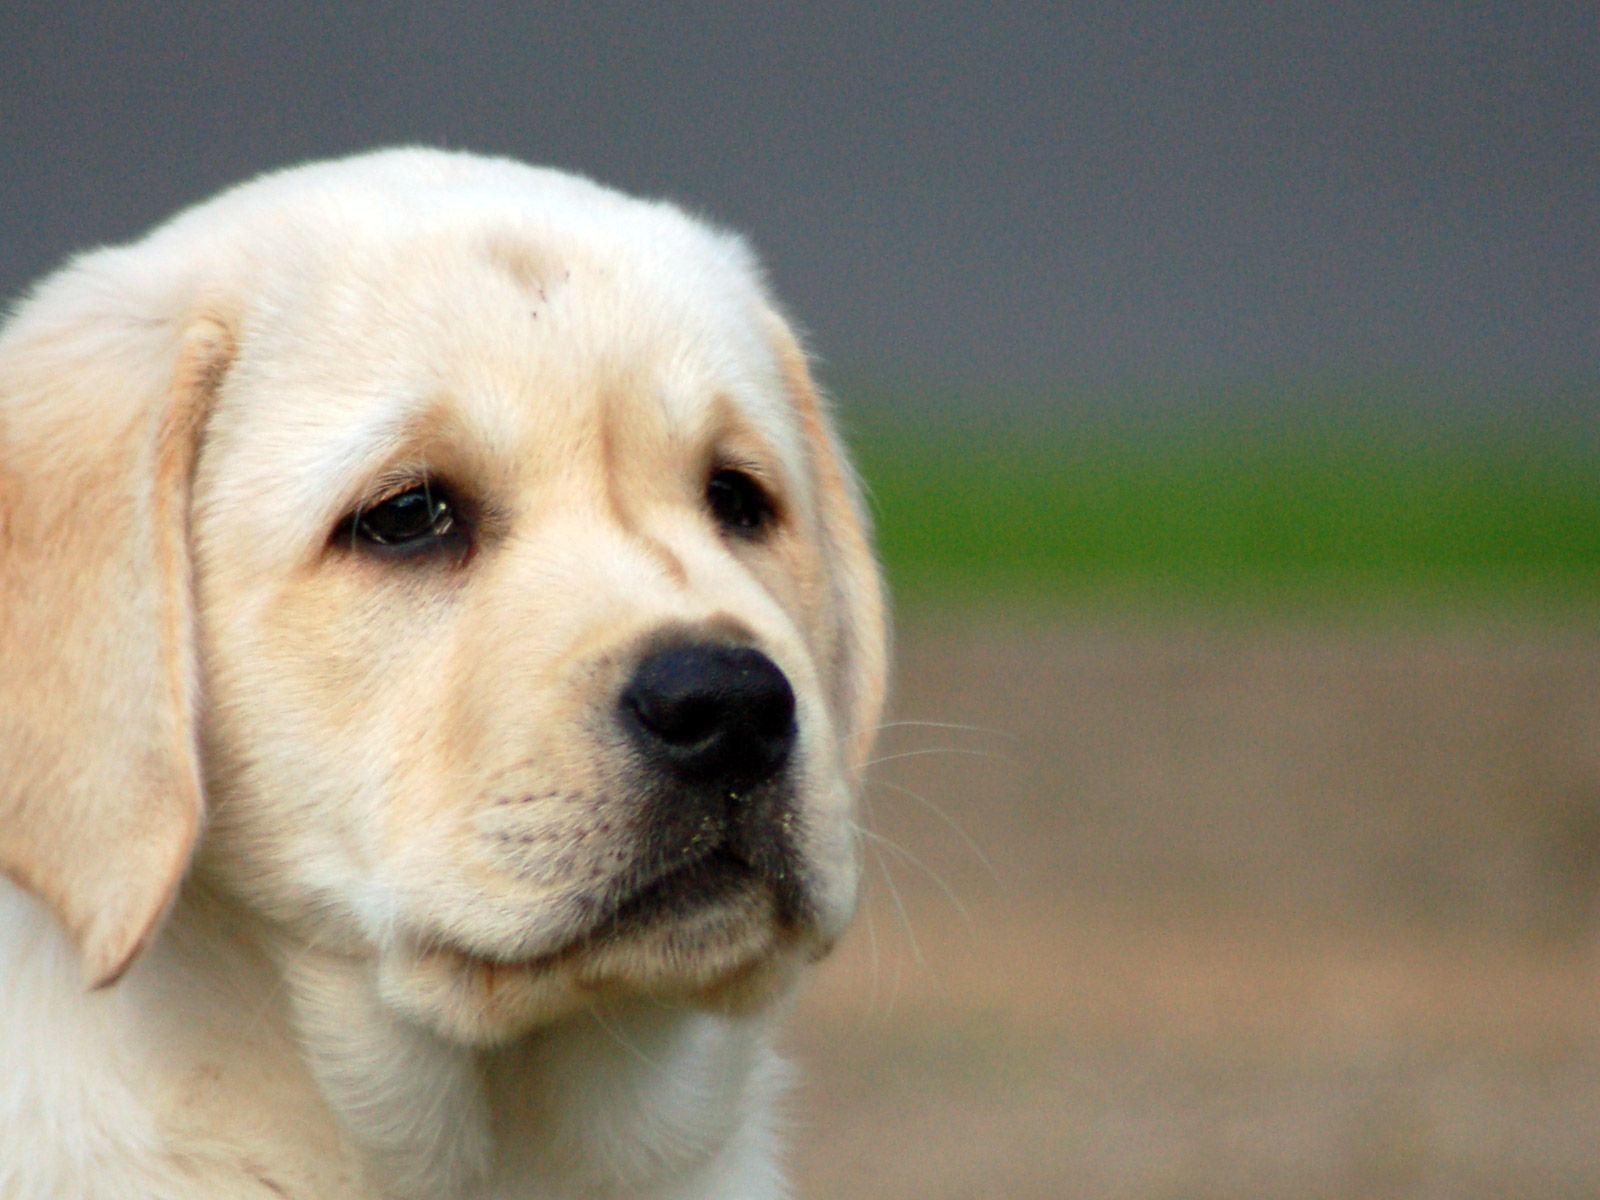 Cute Puppy Labrador Puppy Wallpaper Hd 1600x1200 Download Hd Wallpaper Wallpapertip